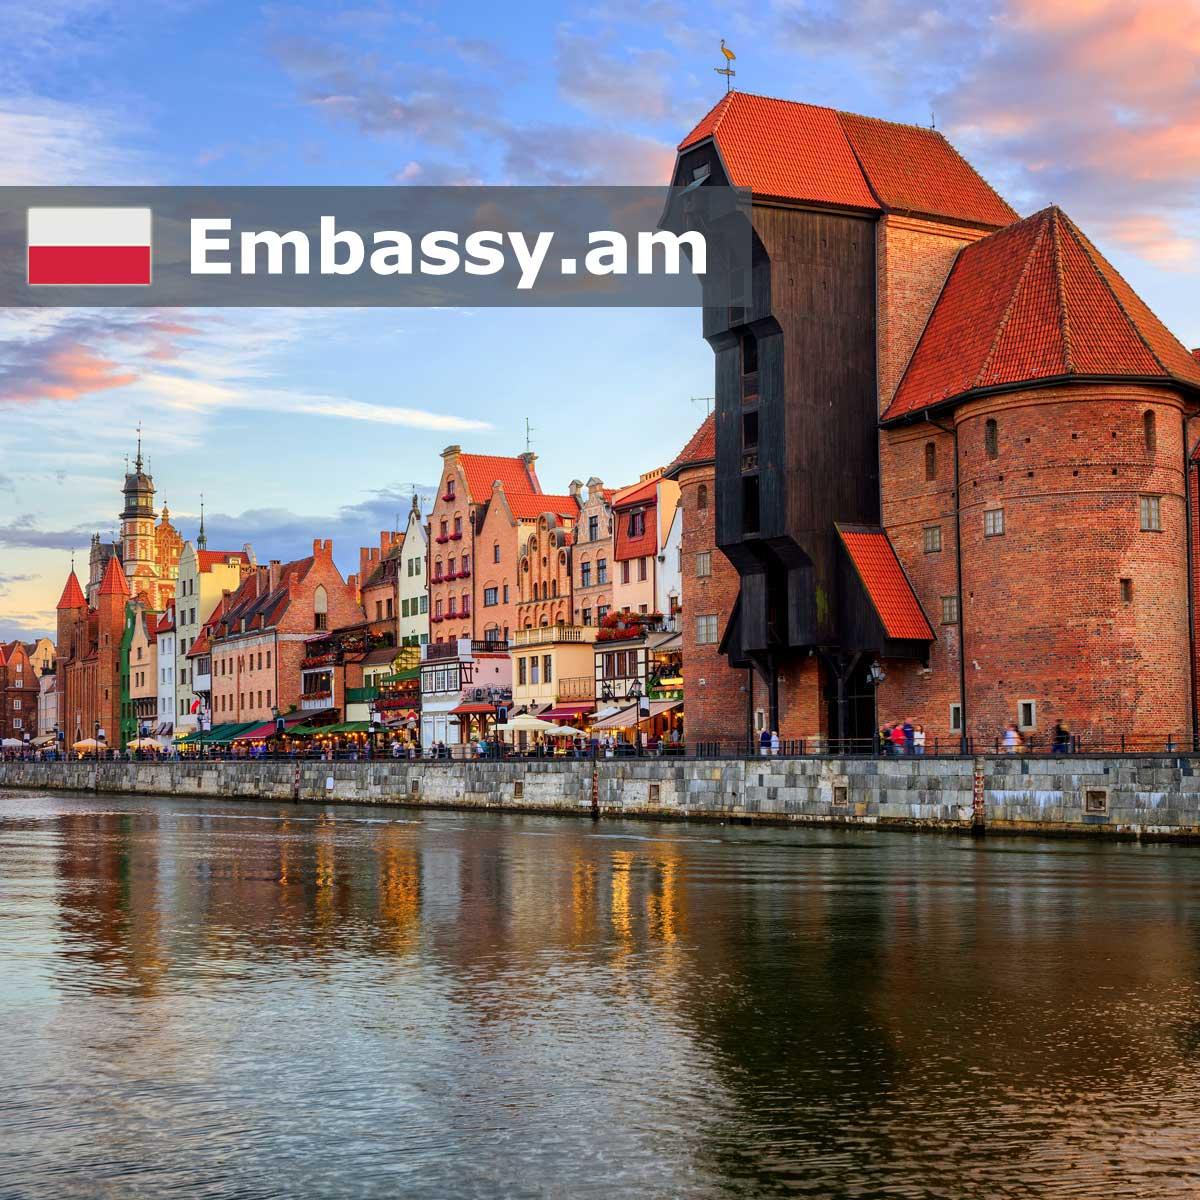 Гданьск - Отели в Польши - Embassy.am